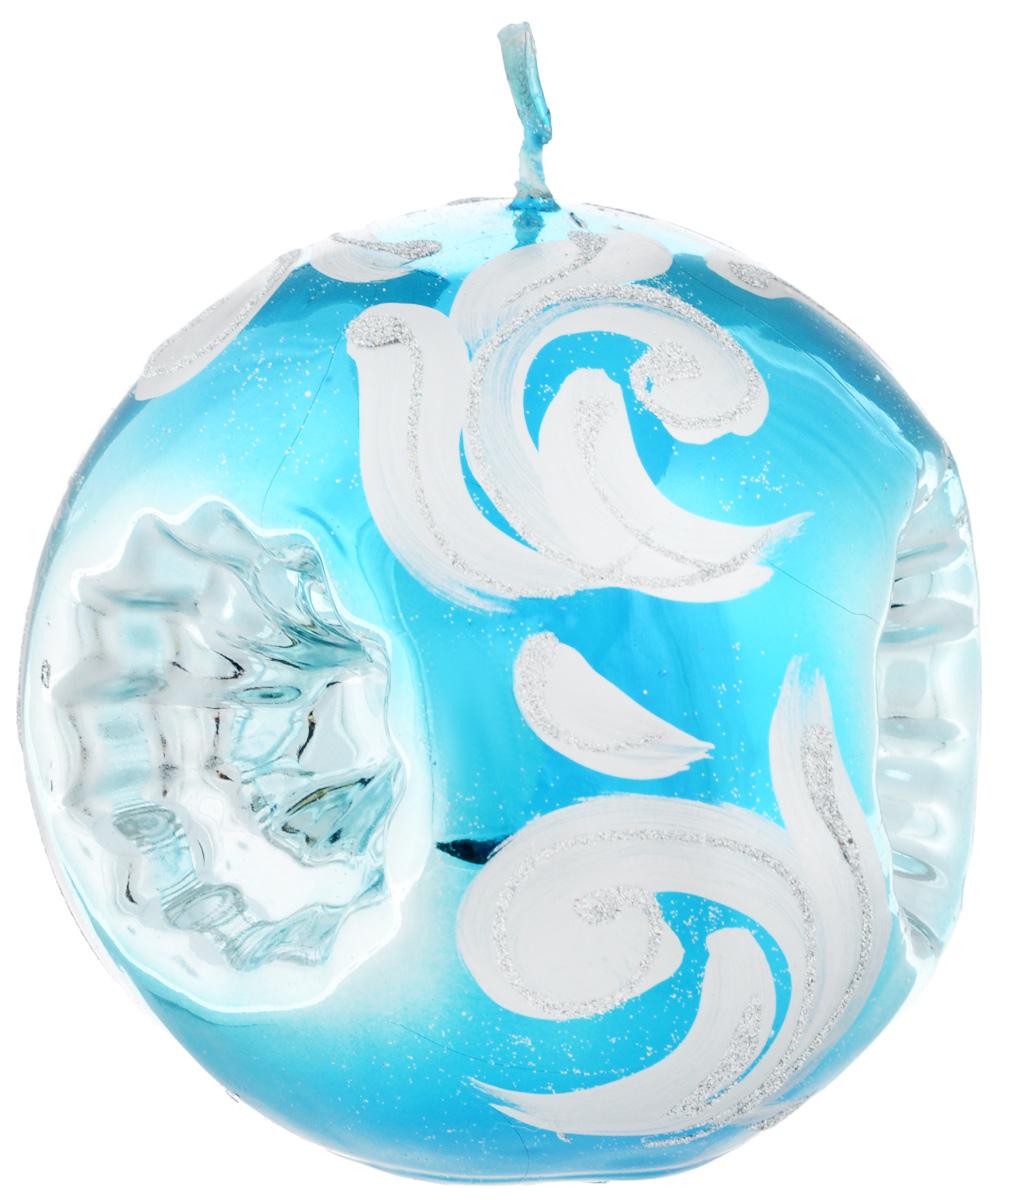 Свеча-шар Fem Рефлектор, цвет: бирюзовый, серебристый, диаметр 10 смU210DFСвеча-шар Fem Рефлектор изготовлена из парафина и декорирована изящным узором с блестками. Такая свеча станет изысканным украшением интерьера. Она принесет в ваш дом волшебство и ощущение праздника.